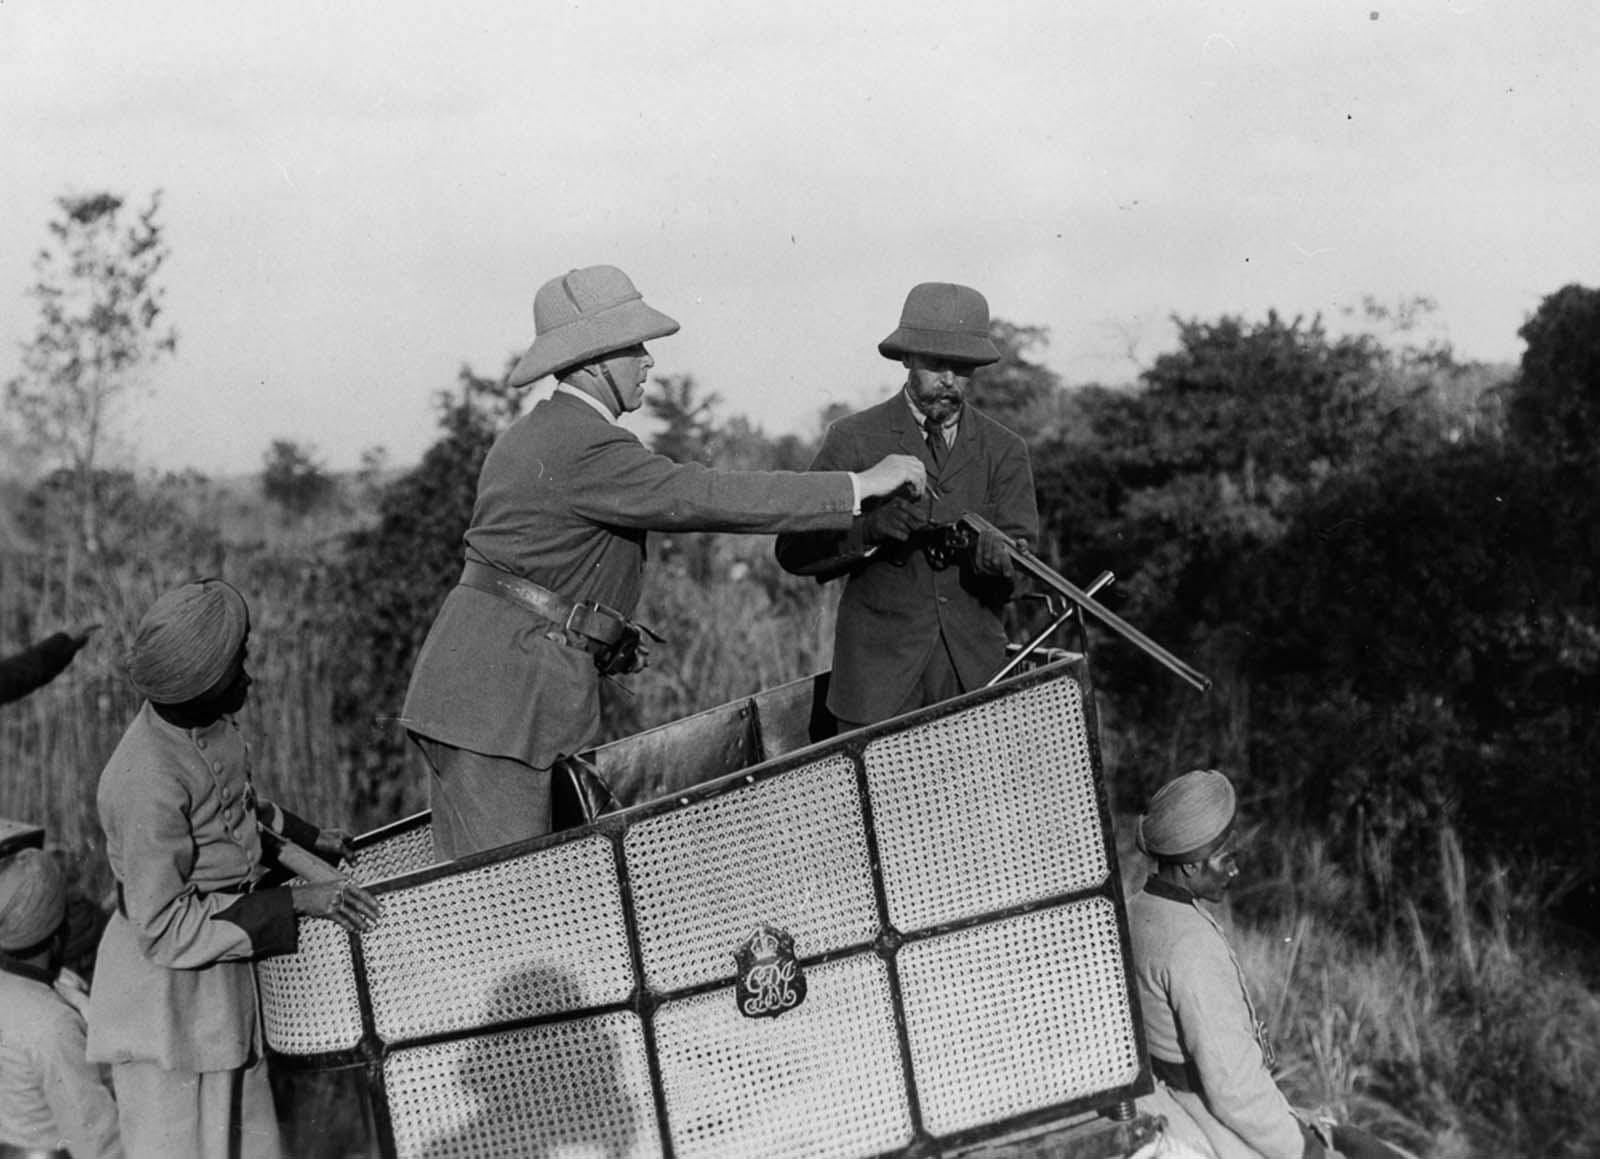 Em 1911 a realeza britânica foi à Índia para ser coroada e aproveitou para caçar 13